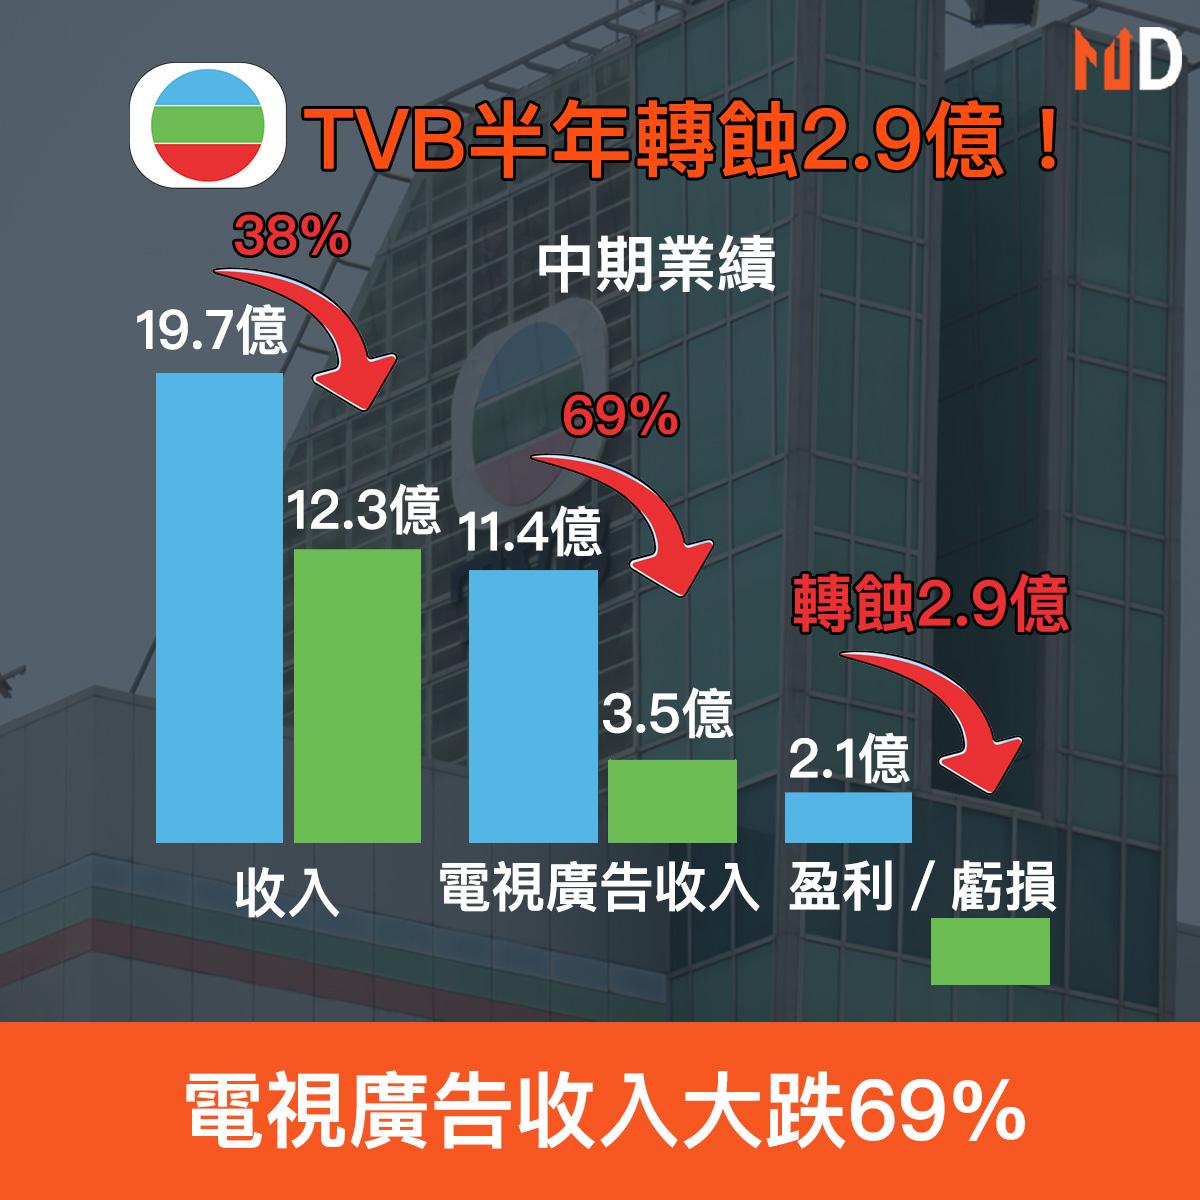 【財報分析】TVB半年轉蝕2.9億,電視廣告收入大跌69%